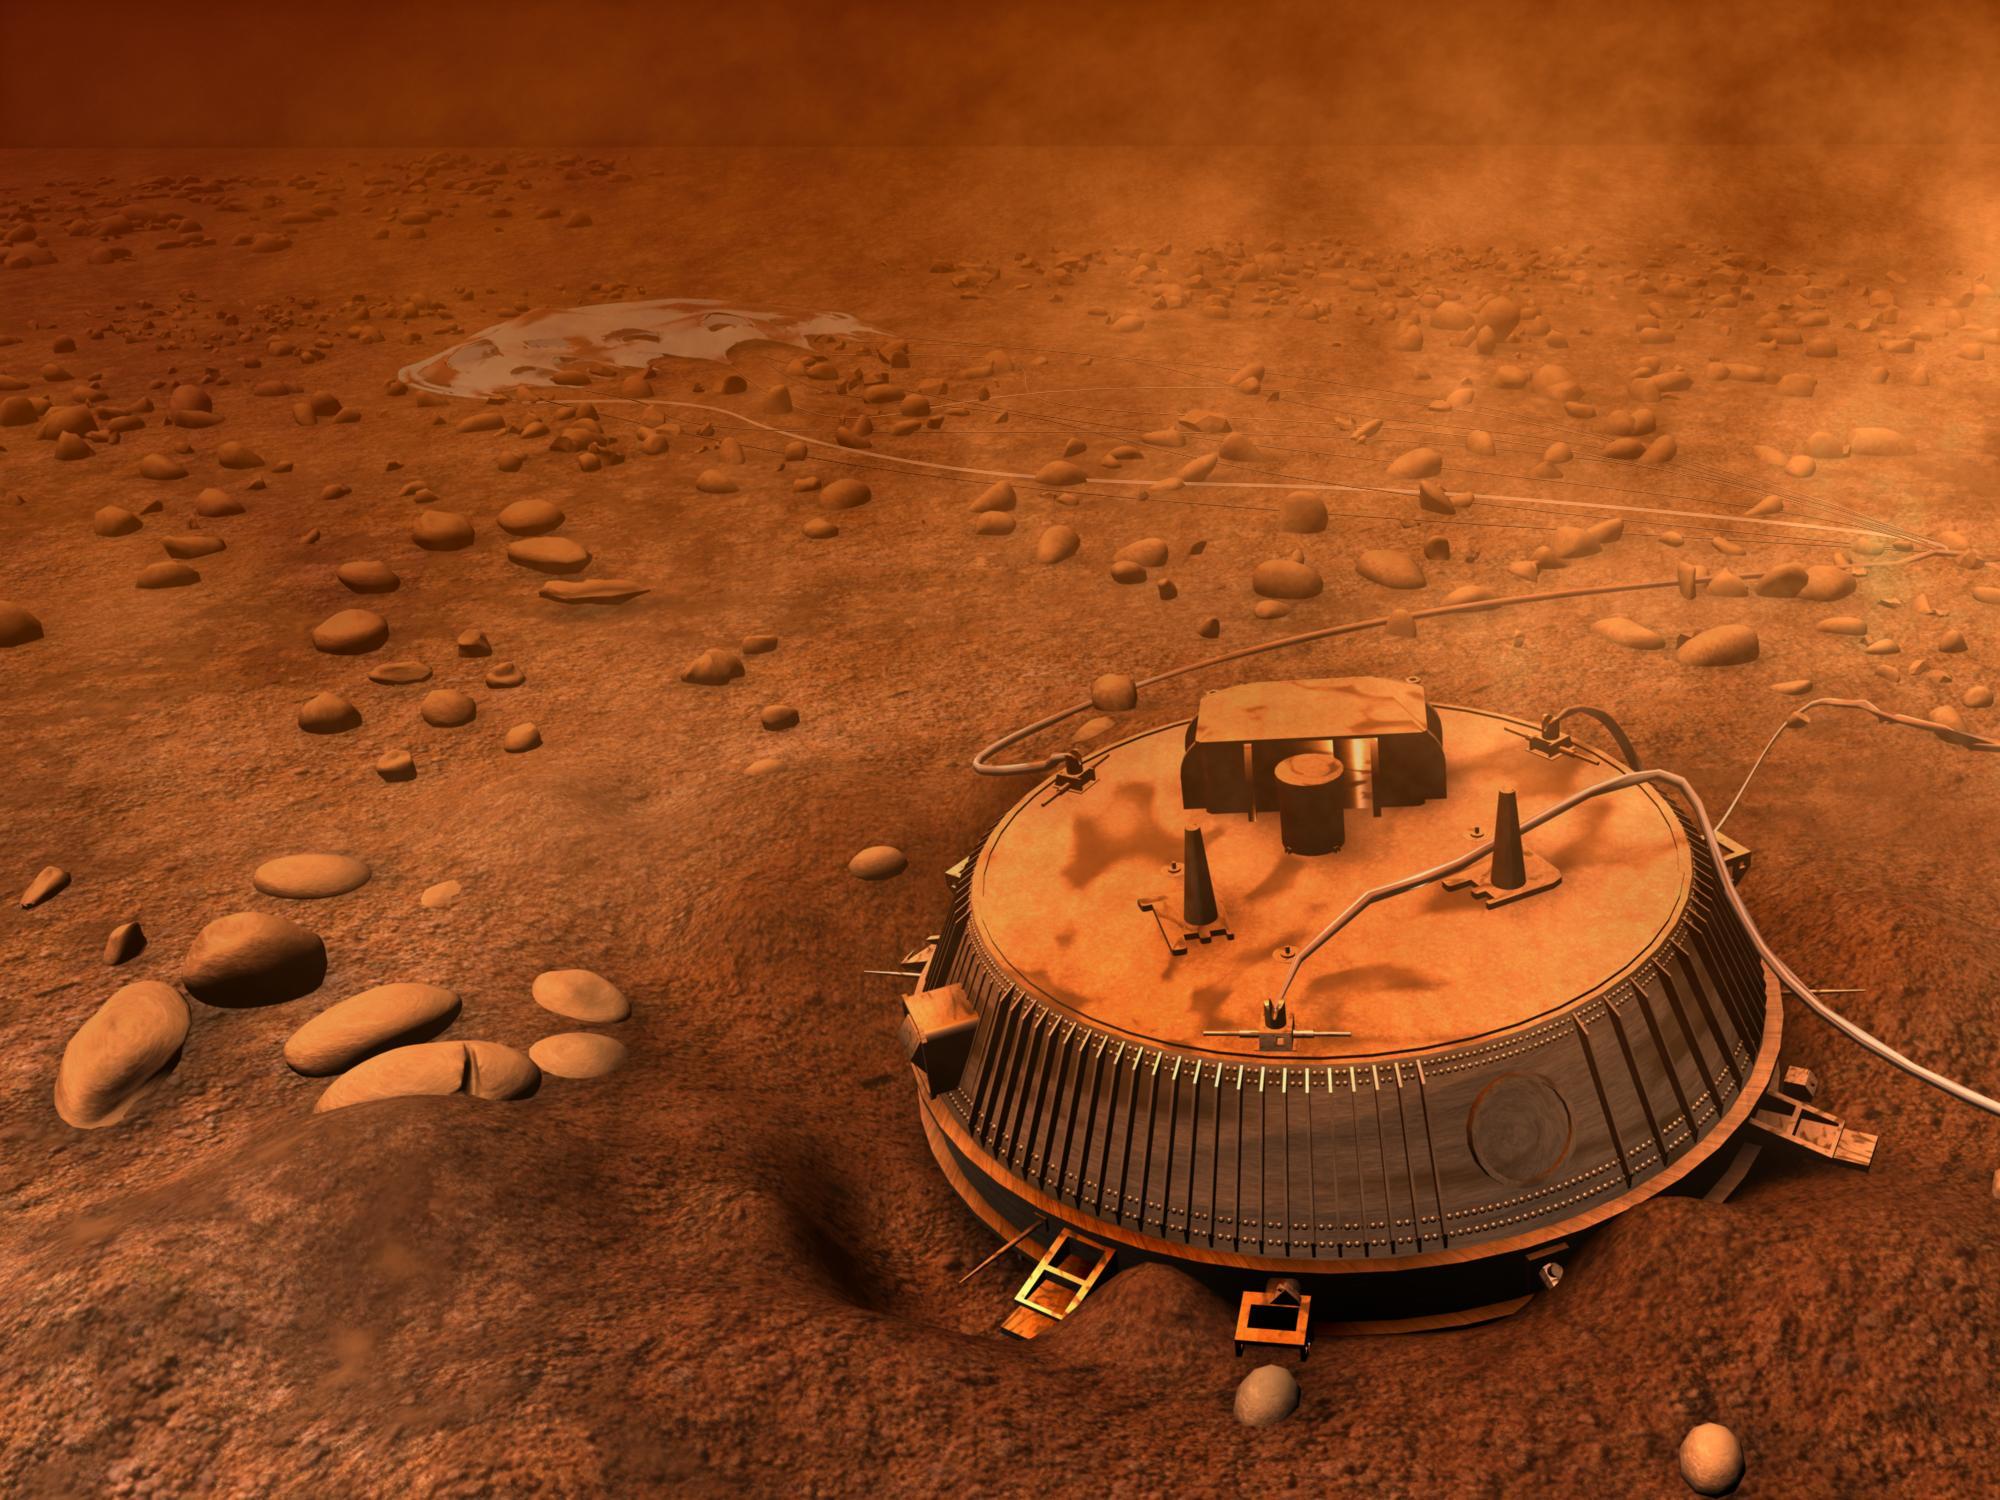 APOD: 2006 January 31 - Huygens on Titan Illustrated